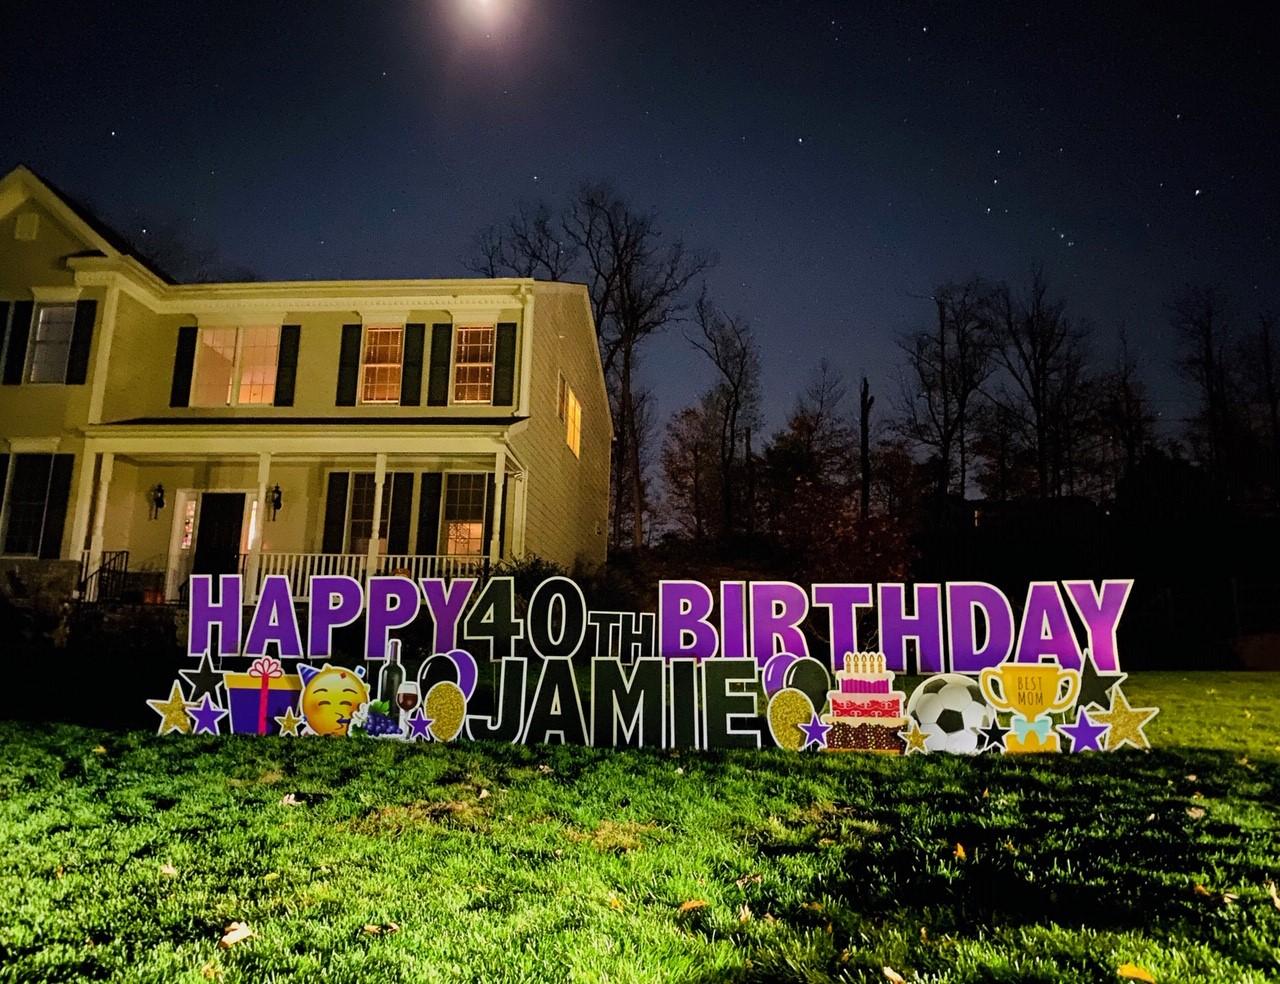 Jamie2